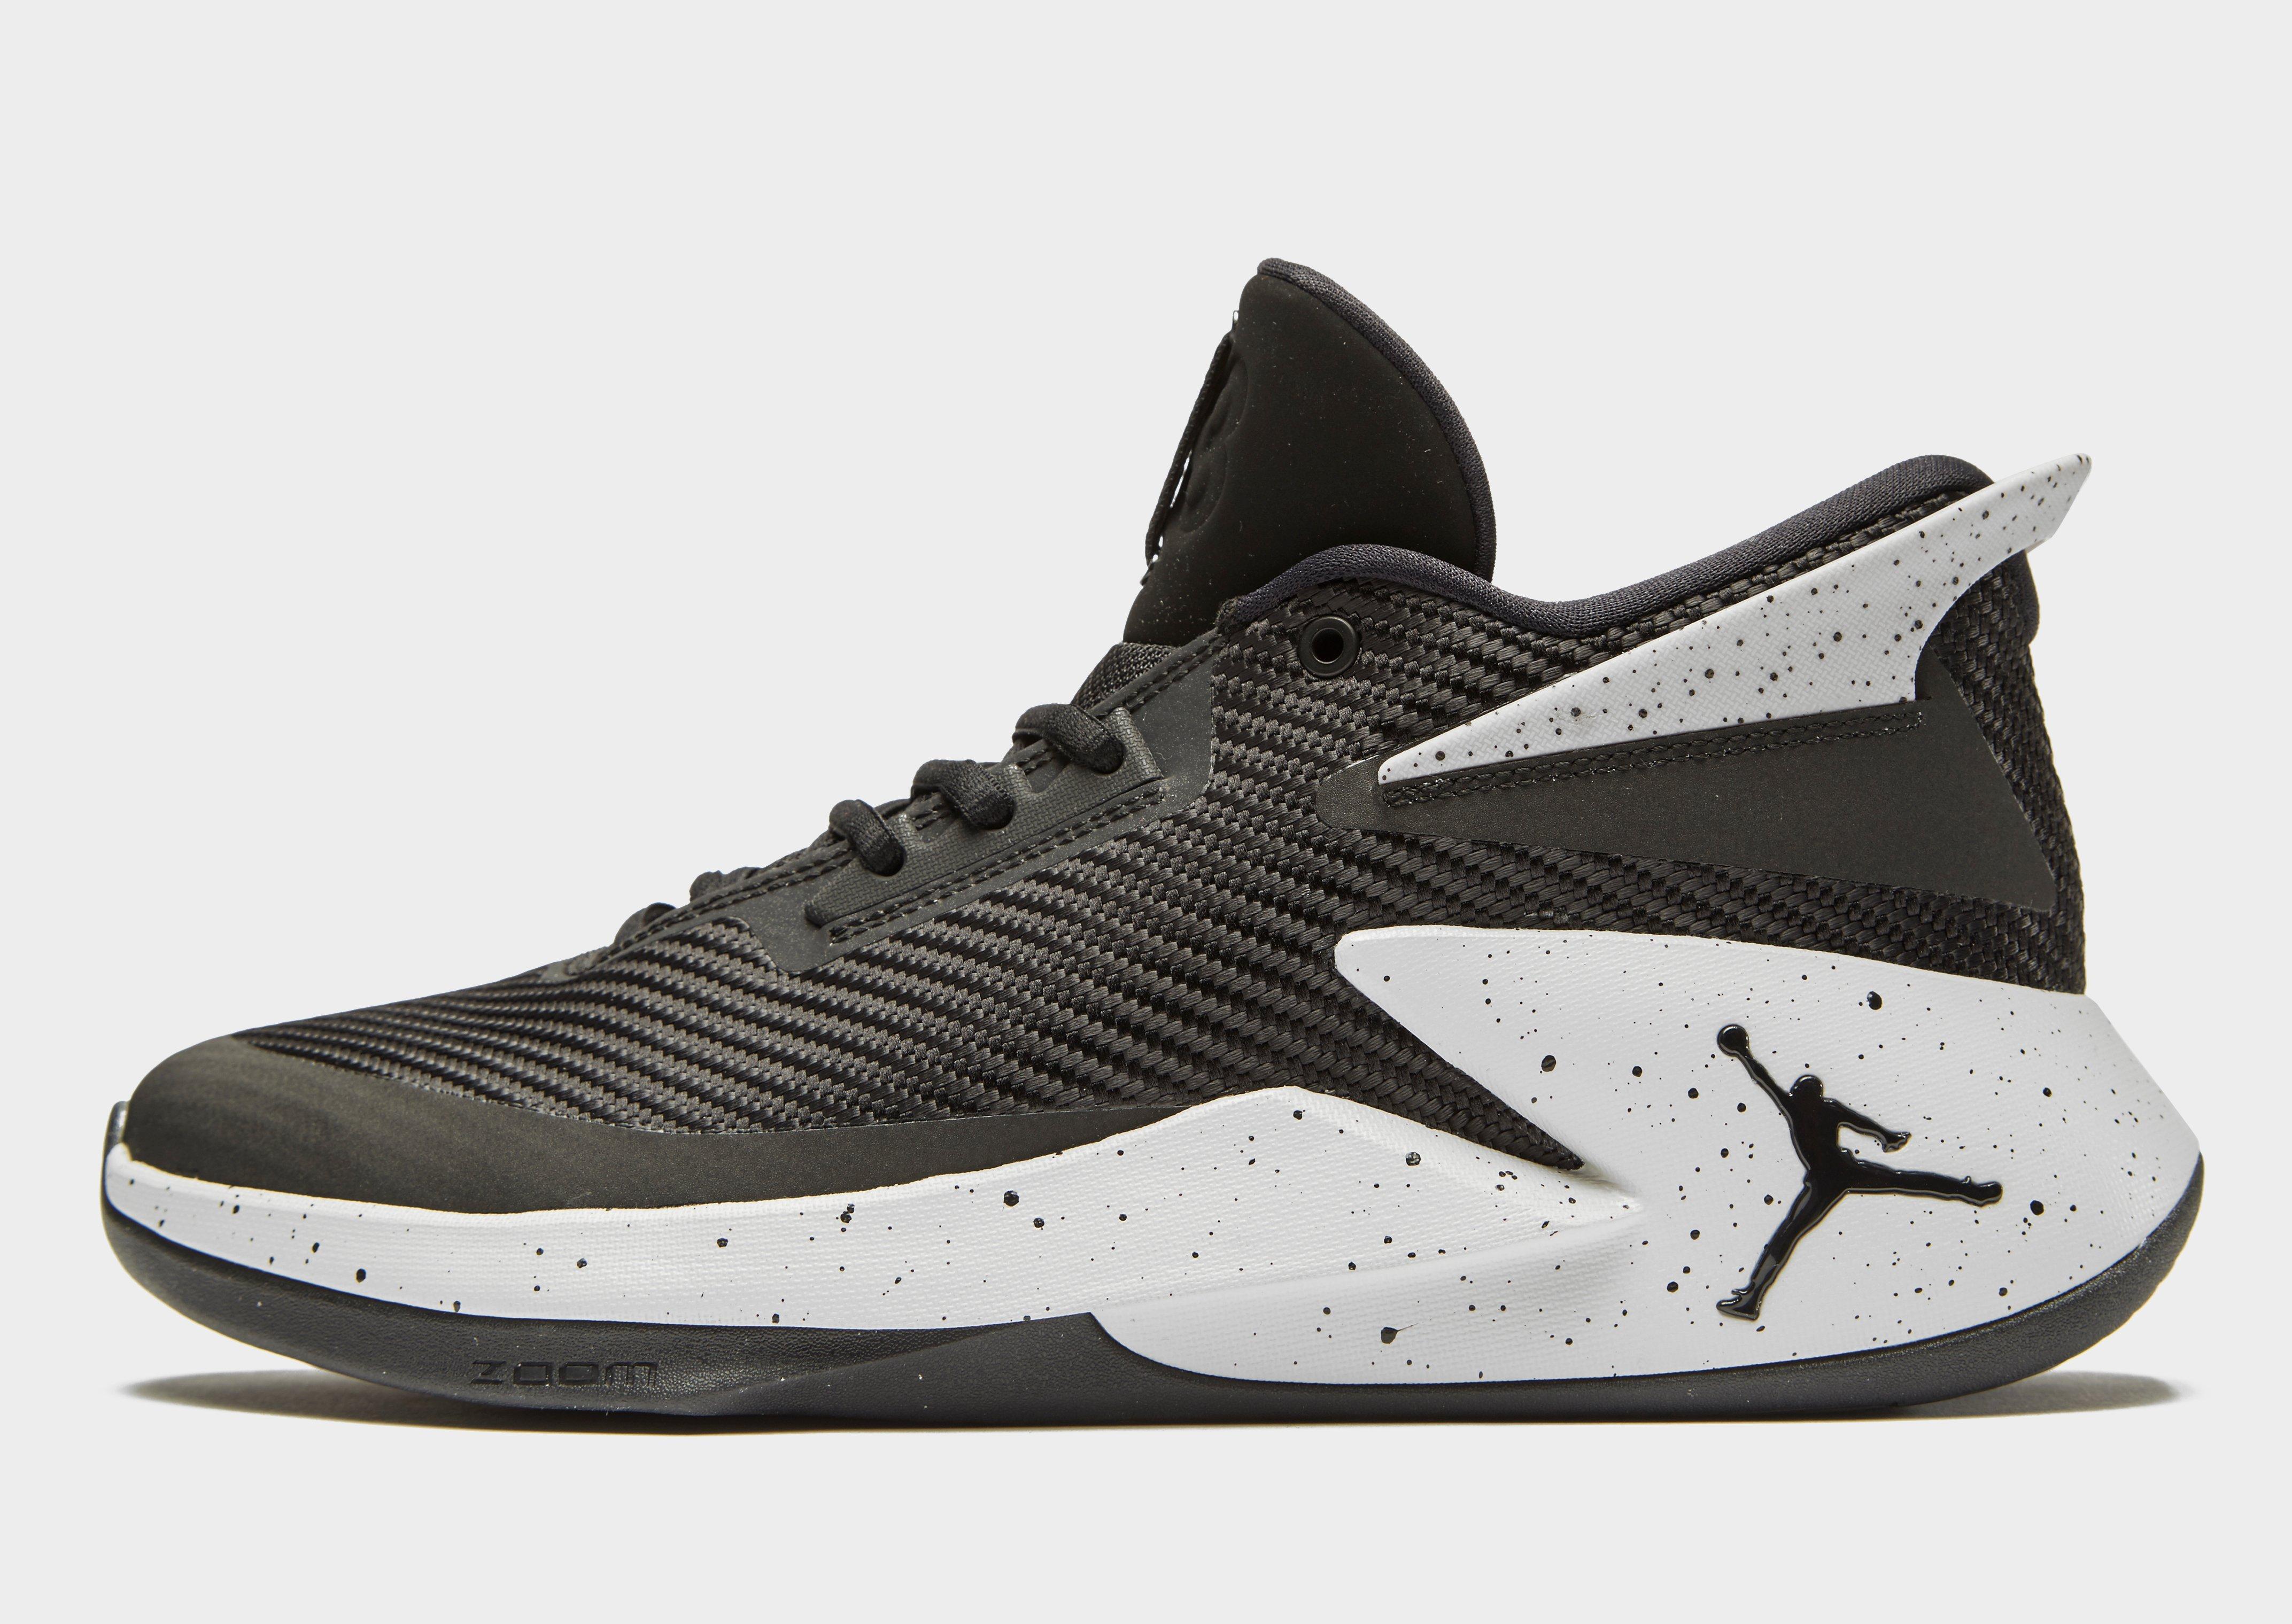 premium selection b51de e593b Lyst - Nike Fly Lockdown in Black for Men